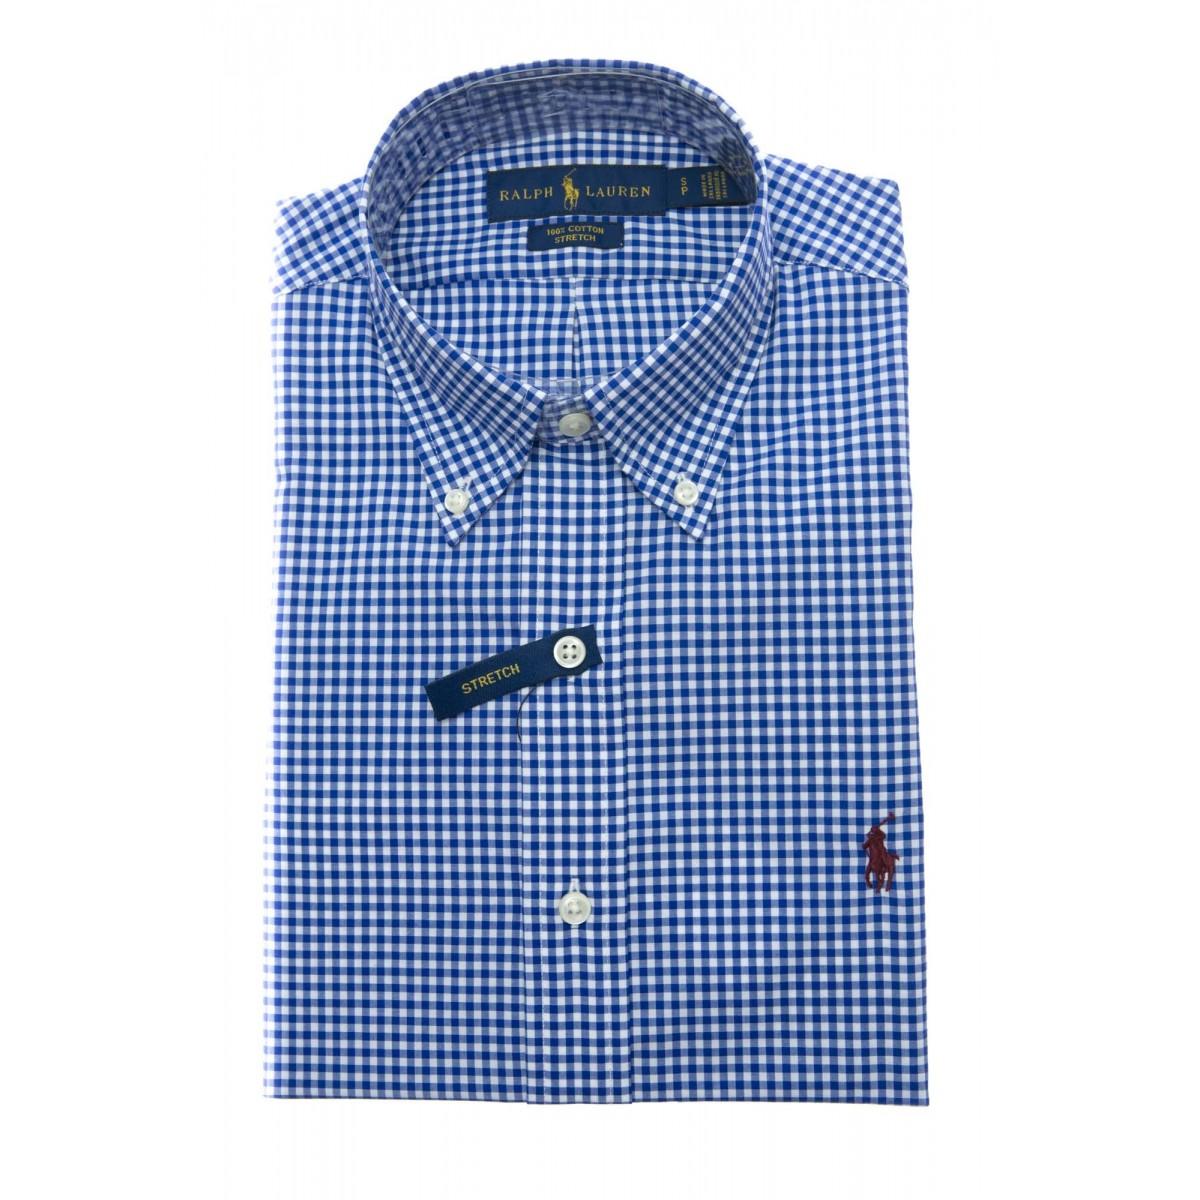 Camicia Uomo- 716296 015 camicia custom fit